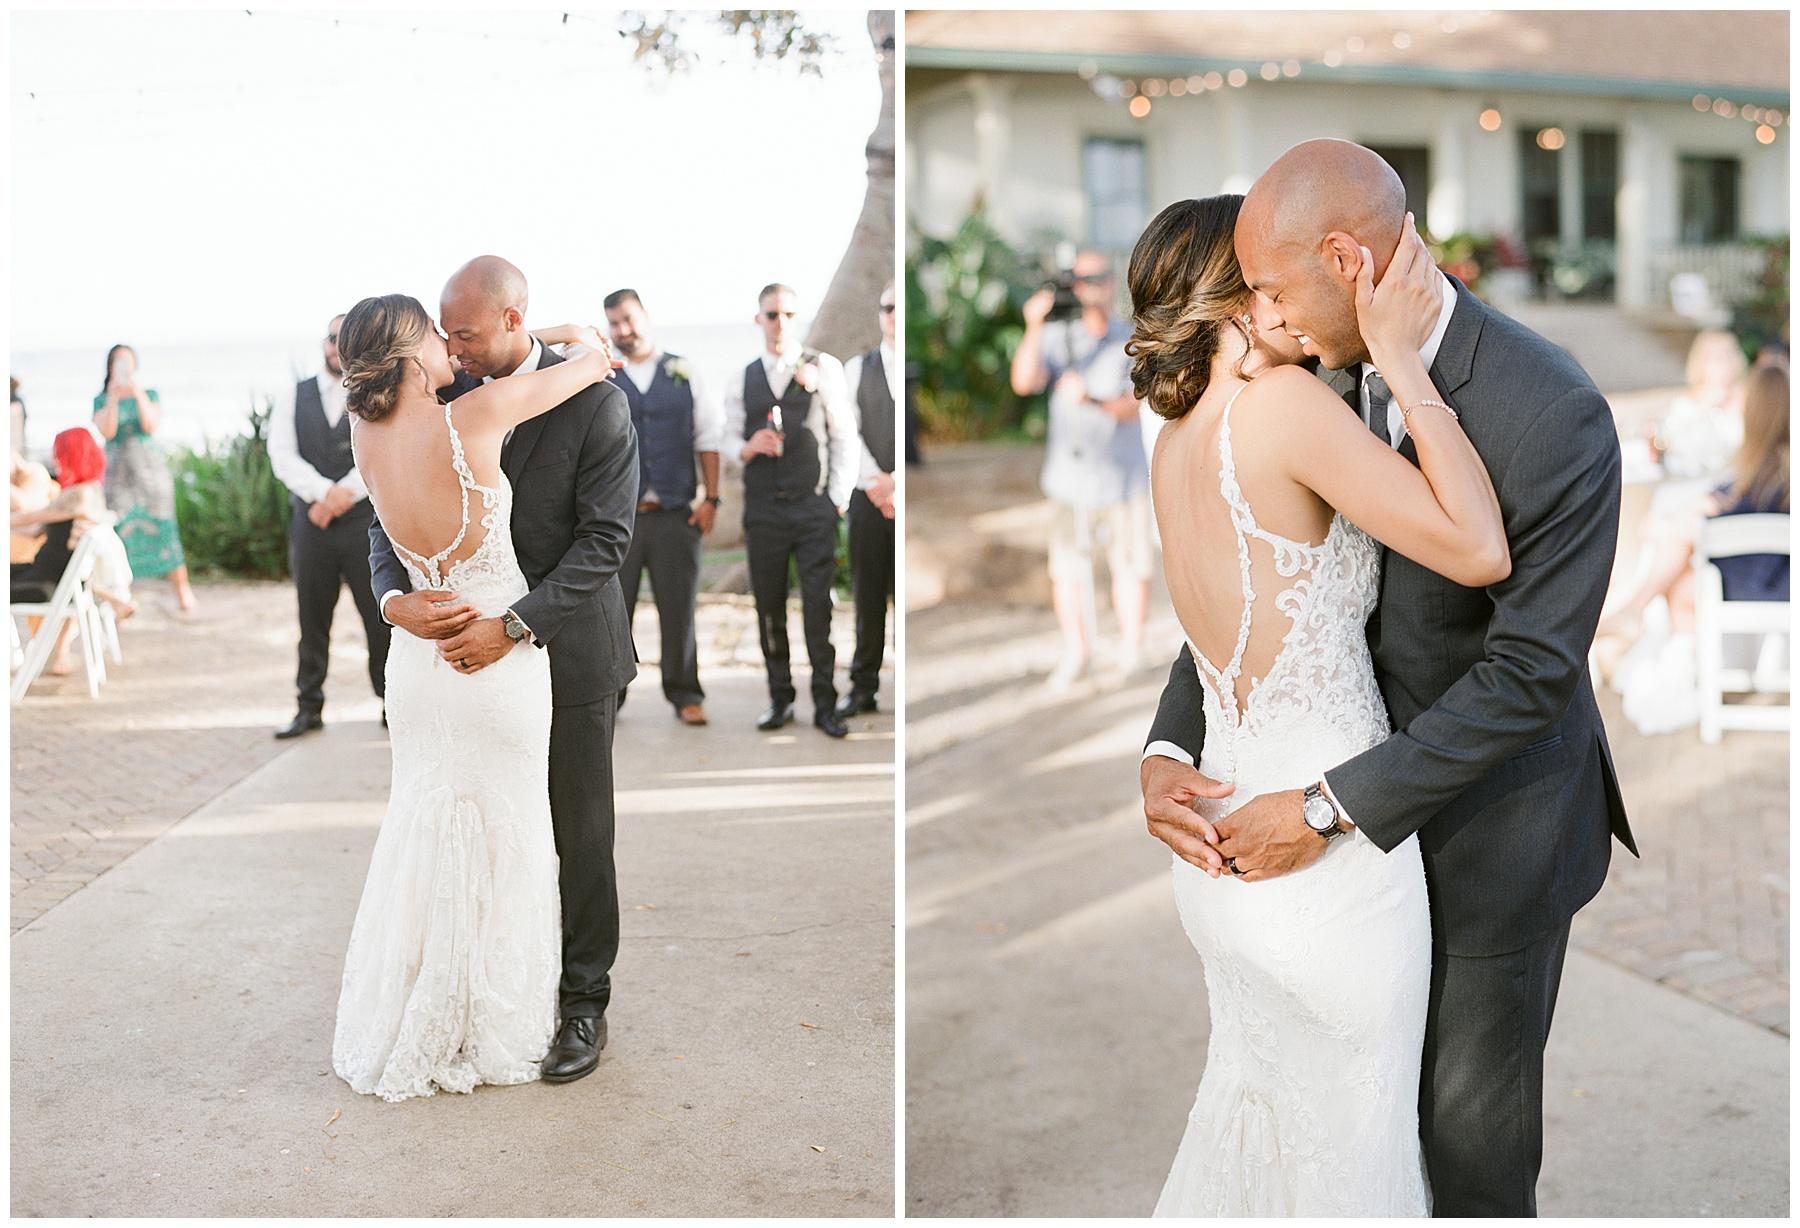 Olowalu-plantation-house-maui-hawaii-wedding-171.jpg